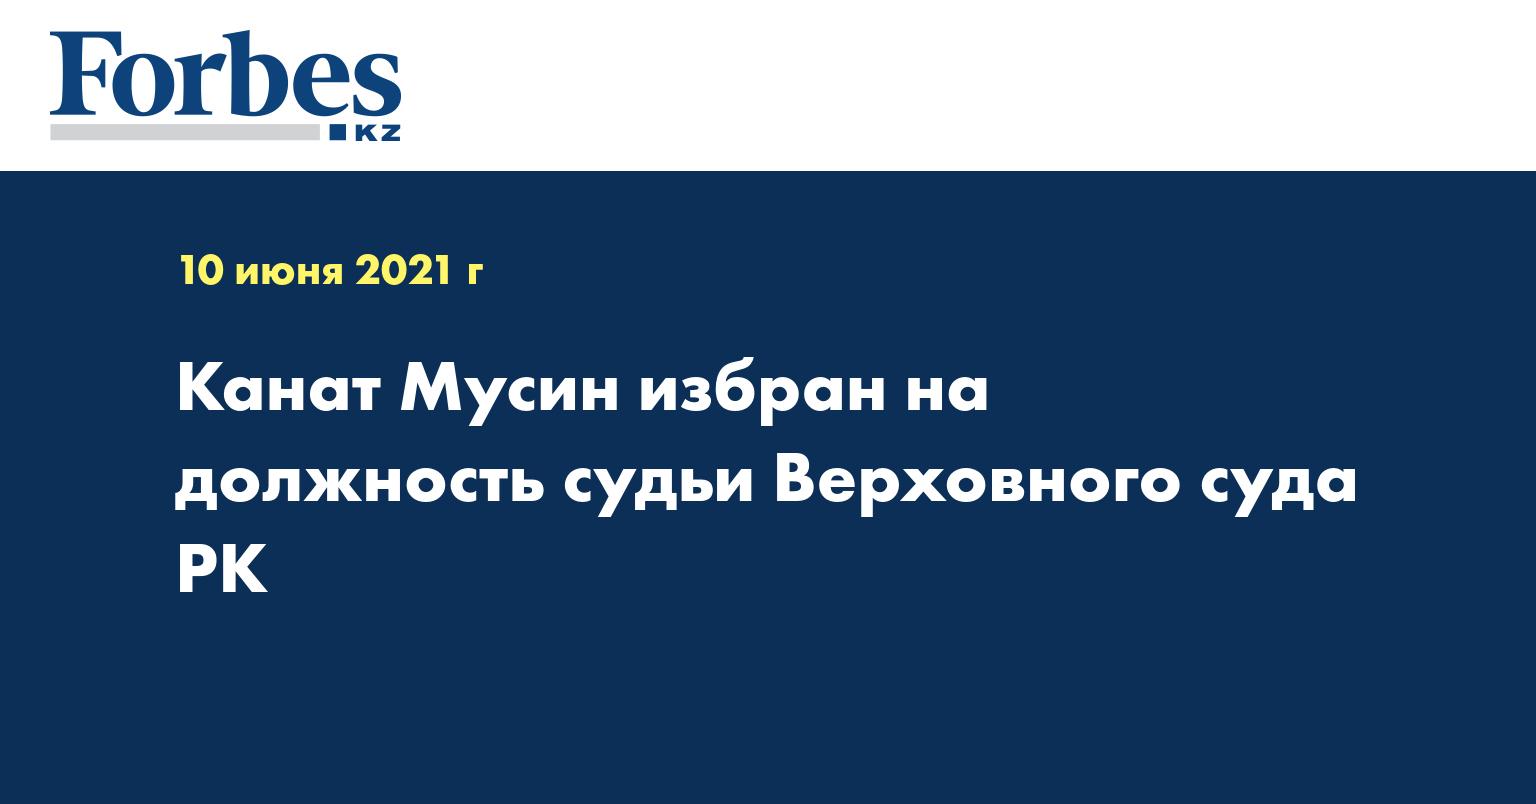 Канат Мусин избран на должность судьи Верховного суда РК